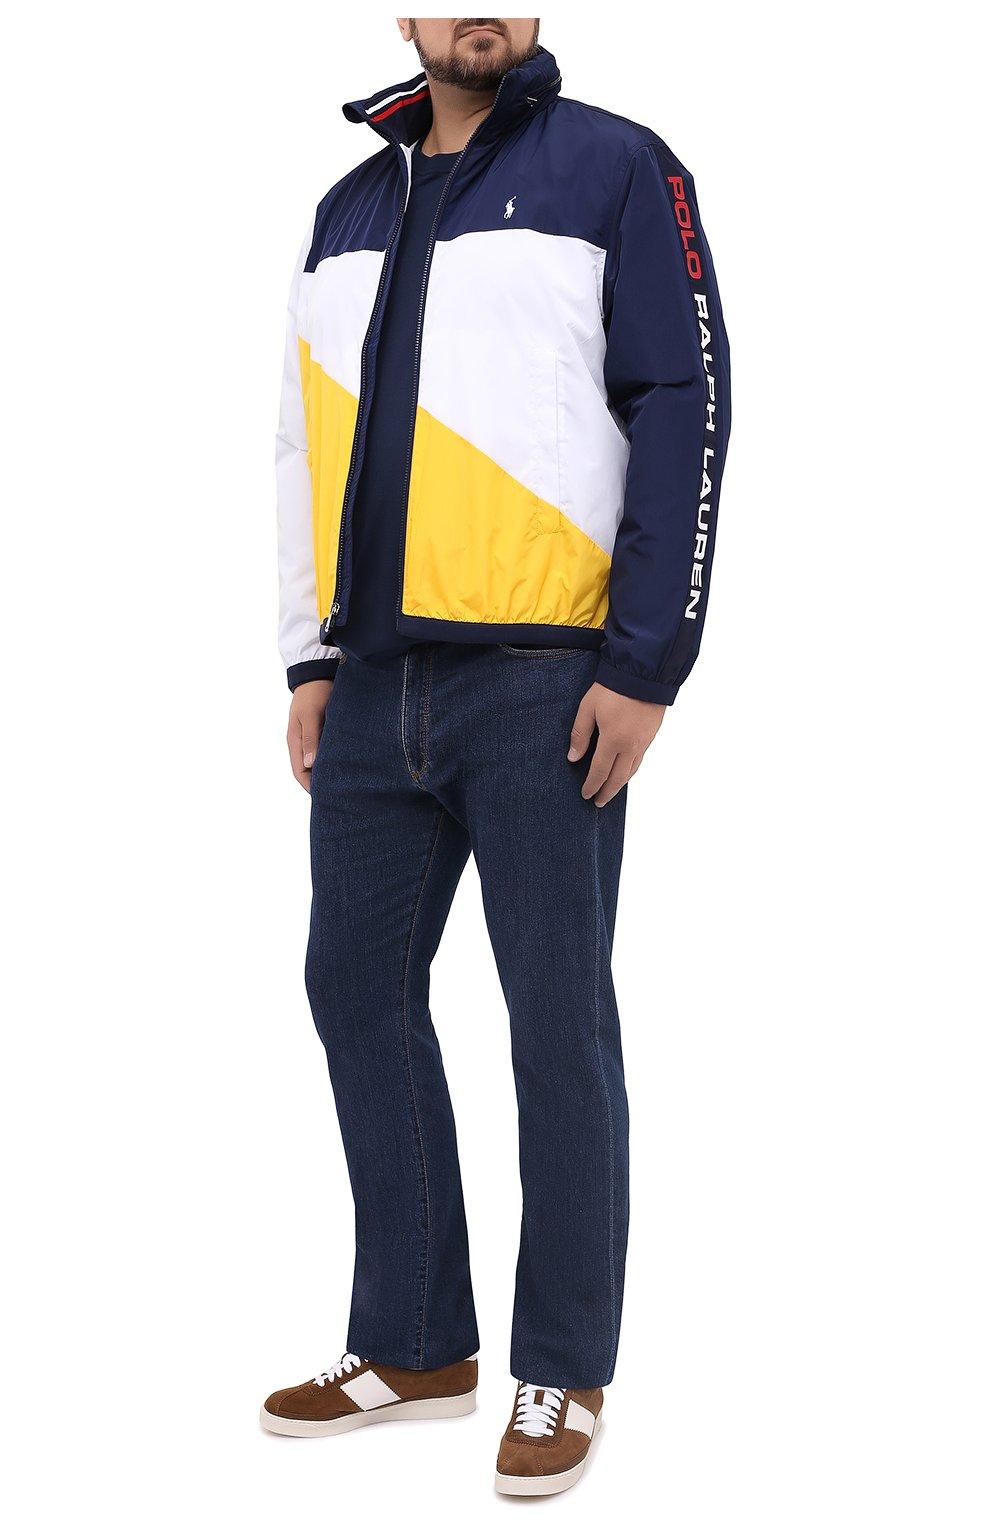 Мужская куртка POLO RALPH LAUREN разноцветного цвета, арт. 711803374/PRL BS   Фото 2 (Кросс-КТ: Куртка, Ветровка; Big sizes: Big Sizes; Рукава: Длинные; Материал внешний: Синтетический материал; Мужское Кросс-КТ: Куртка-верхняя одежда, Верхняя одежда; Материал подклада: Синтетический материал; Длина (верхняя одежда): Короткие; Стили: Кэжуэл)